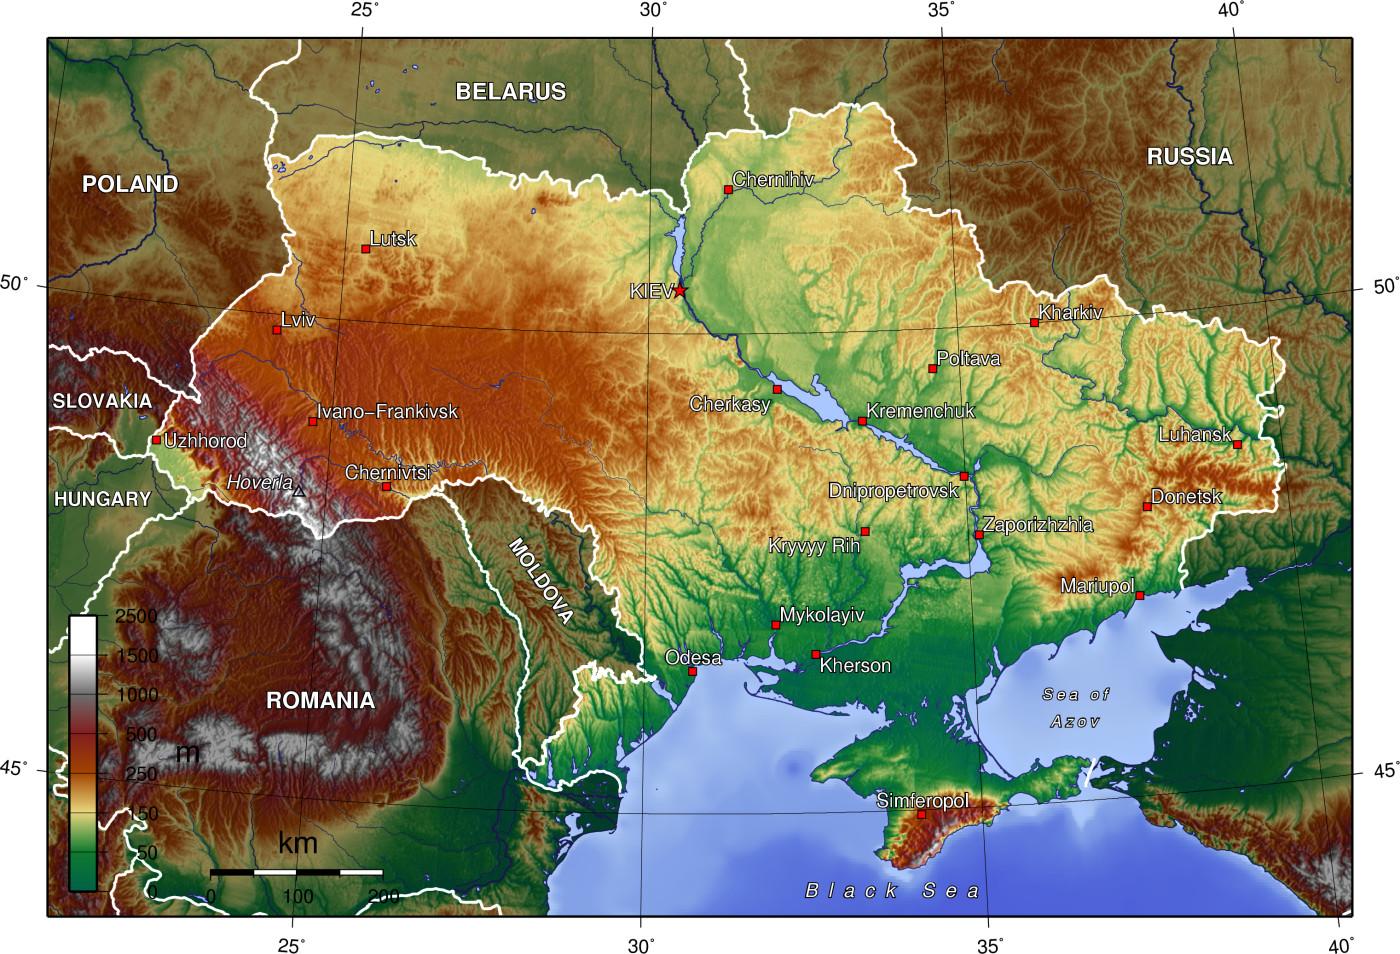 Топографическая карта украины